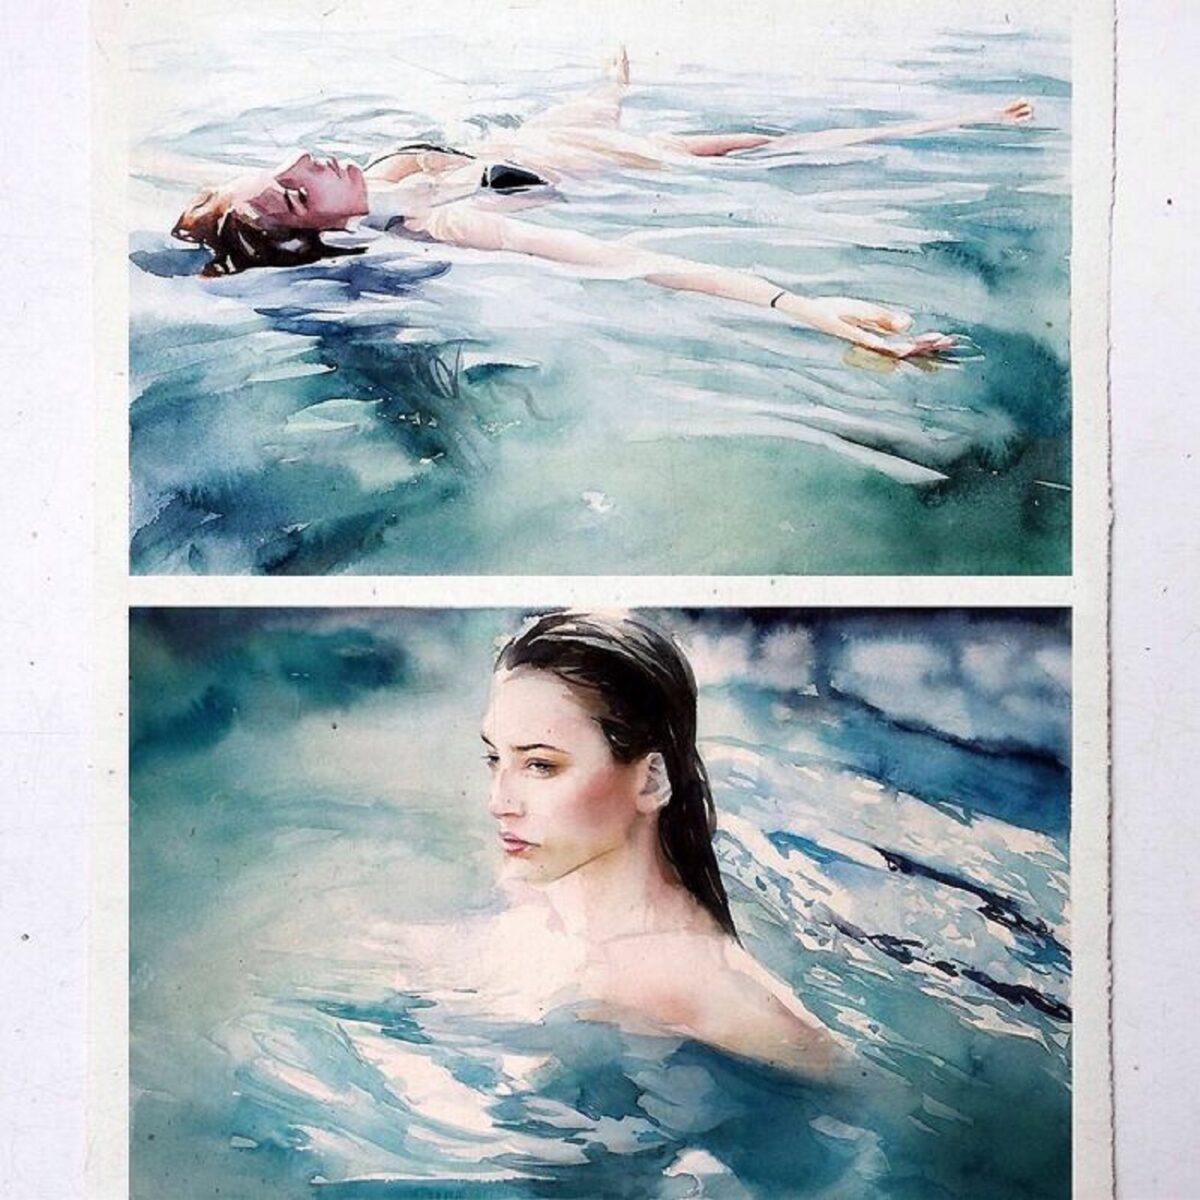 Marcos Beccari artista brasileiro retrata pessoas dentro dagua em incriveis pinturas aquarelas 23